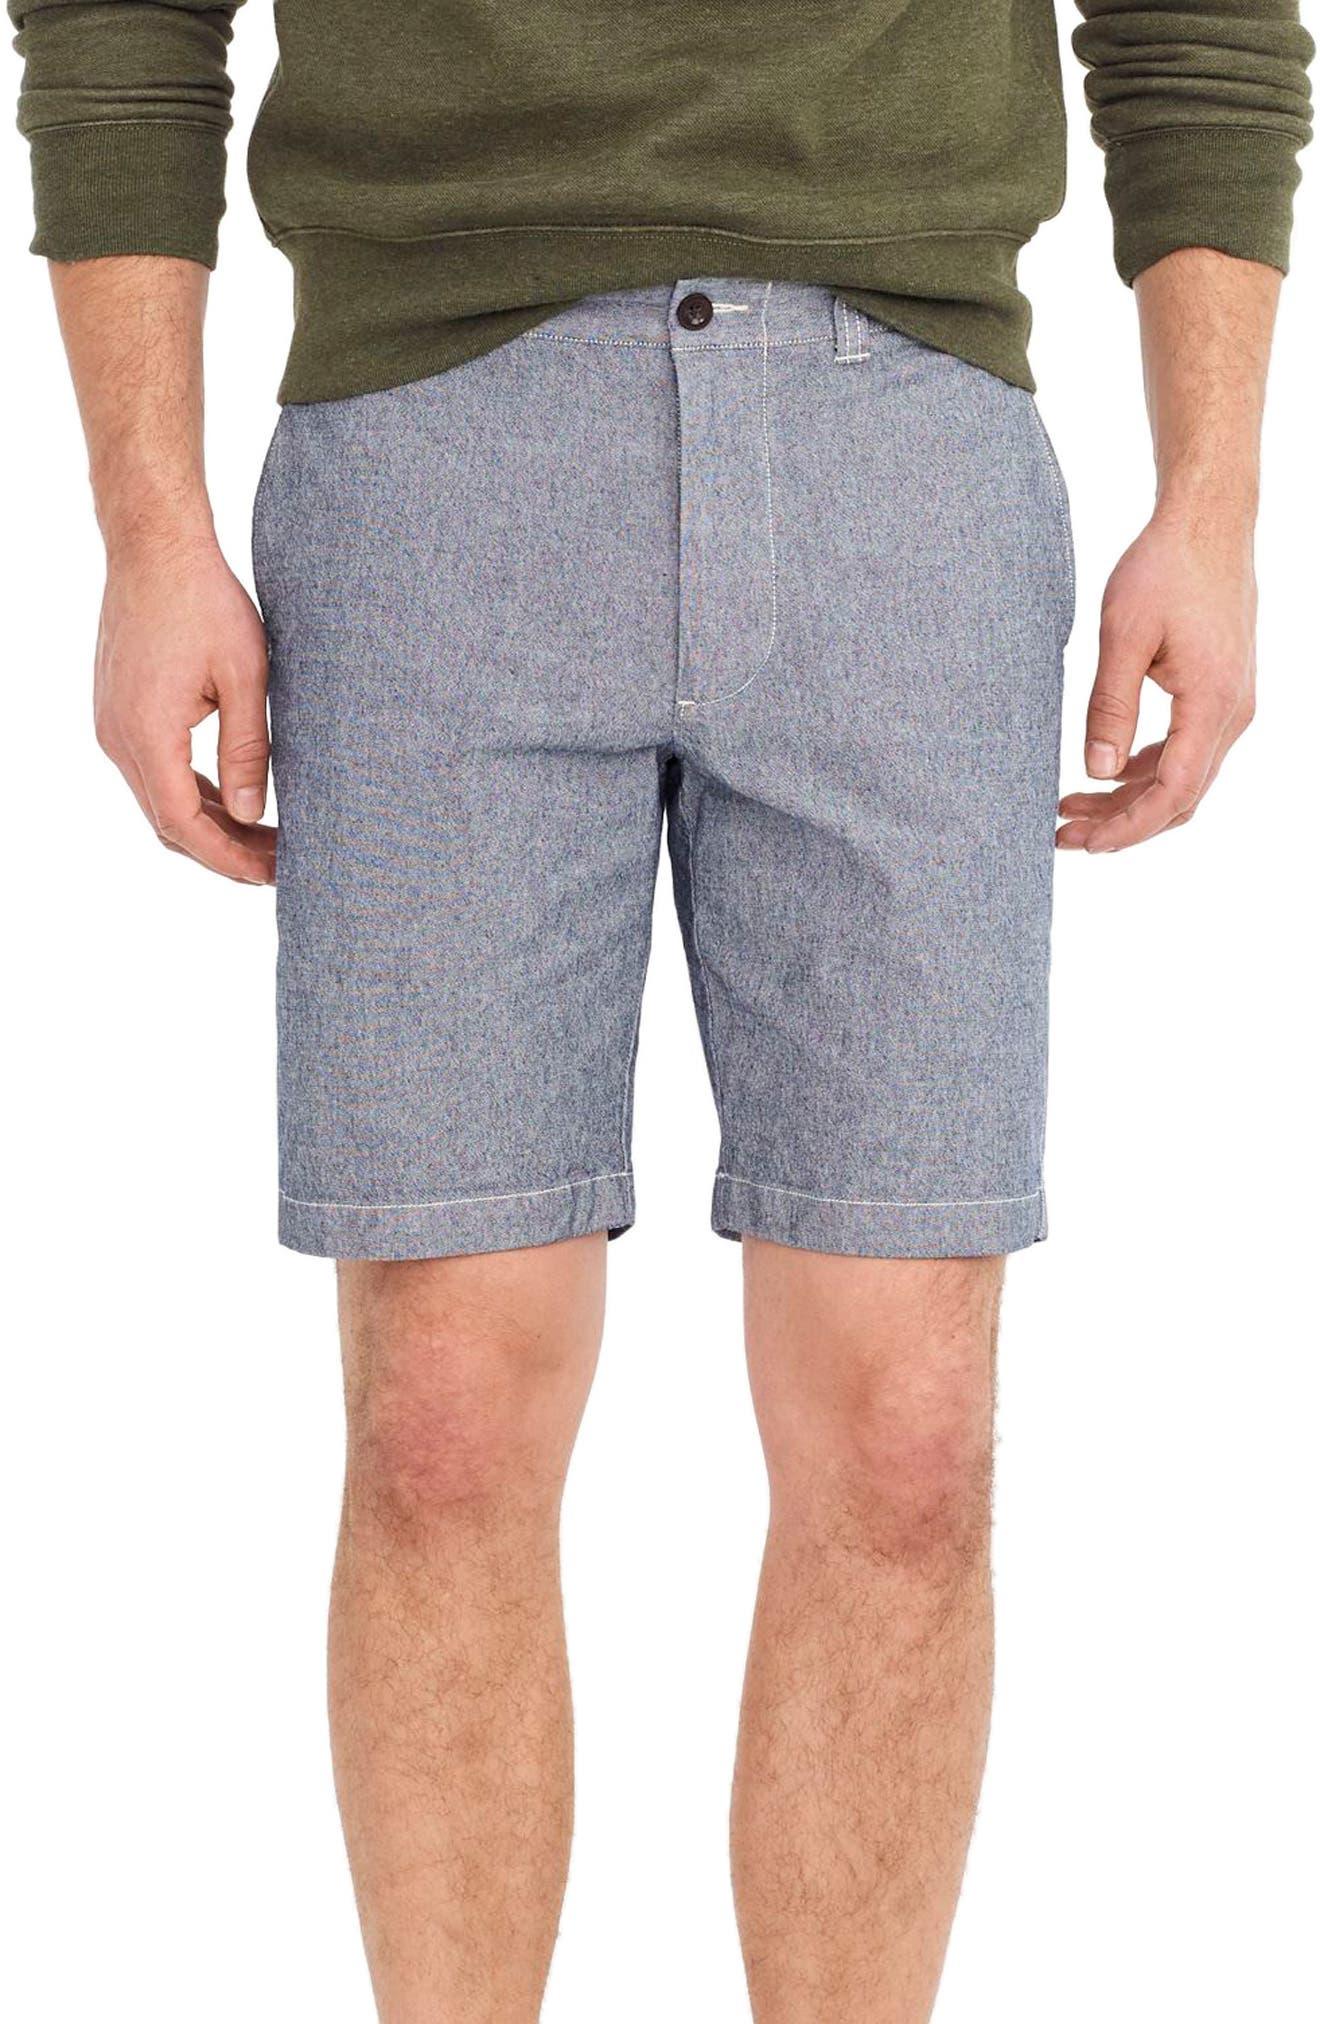 J.Crew Stretch Chambray Shorts,                             Main thumbnail 1, color,                             Royal Navy